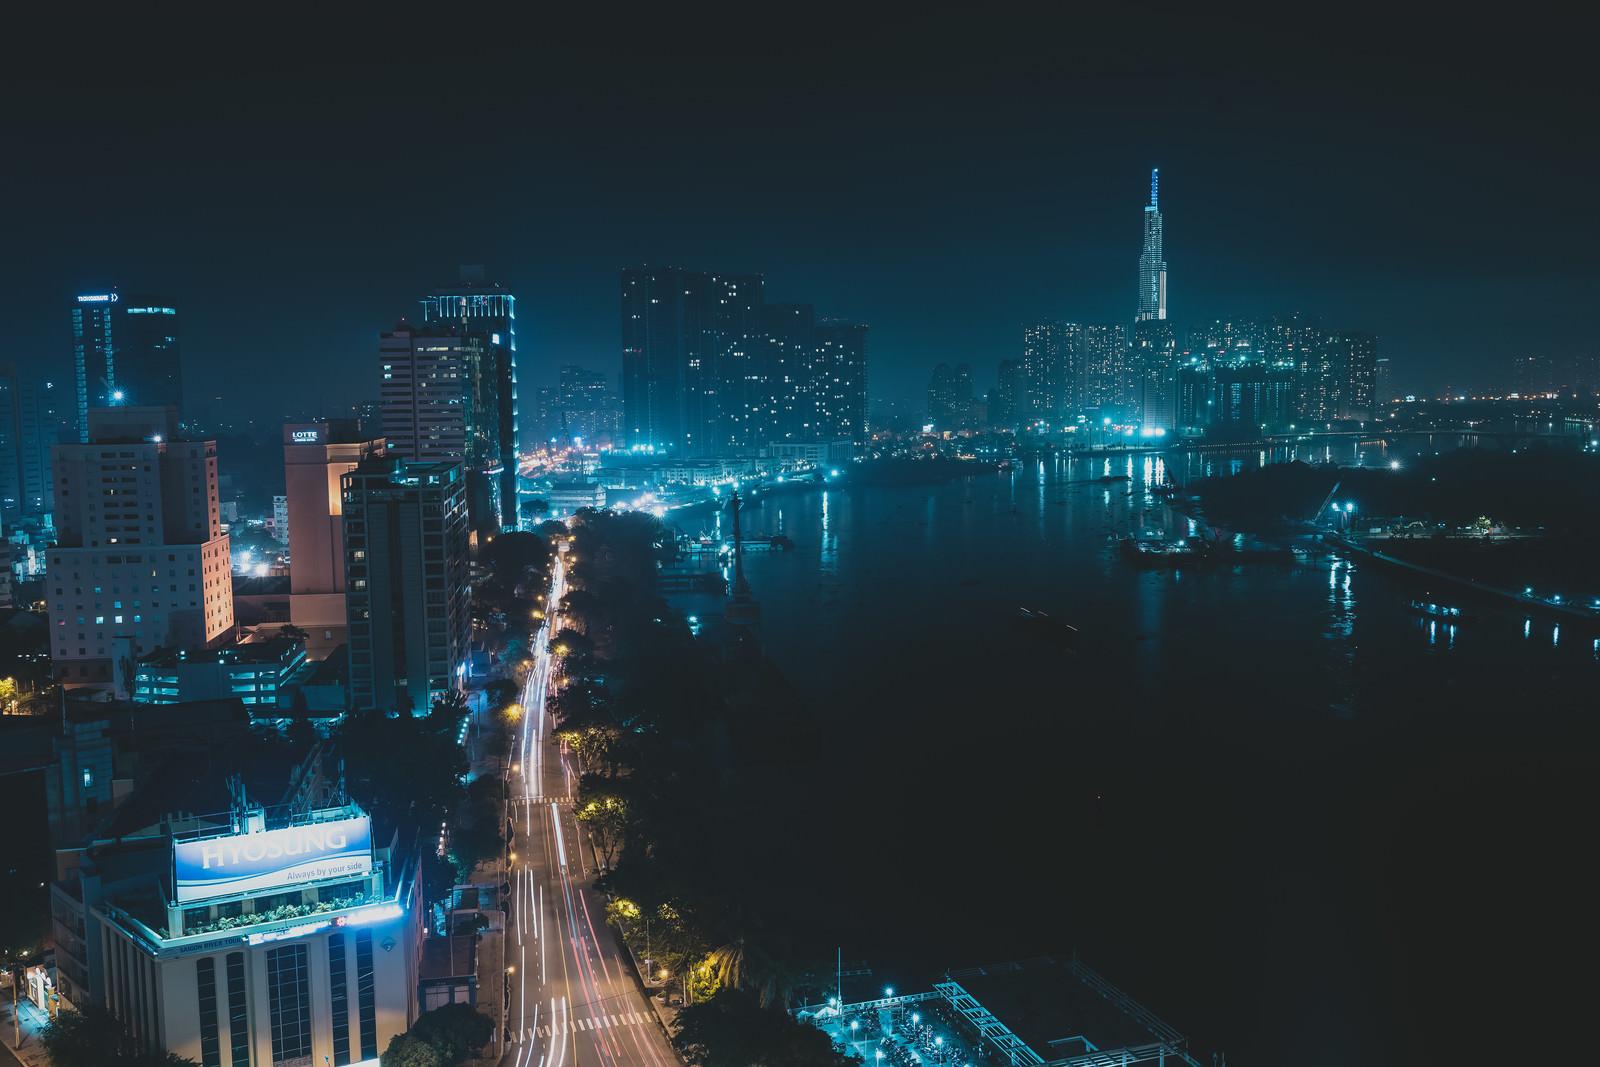 「ホーチミンの都市夜景 | 写真の無料素材・フリー素材 - ぱくたそ」の写真